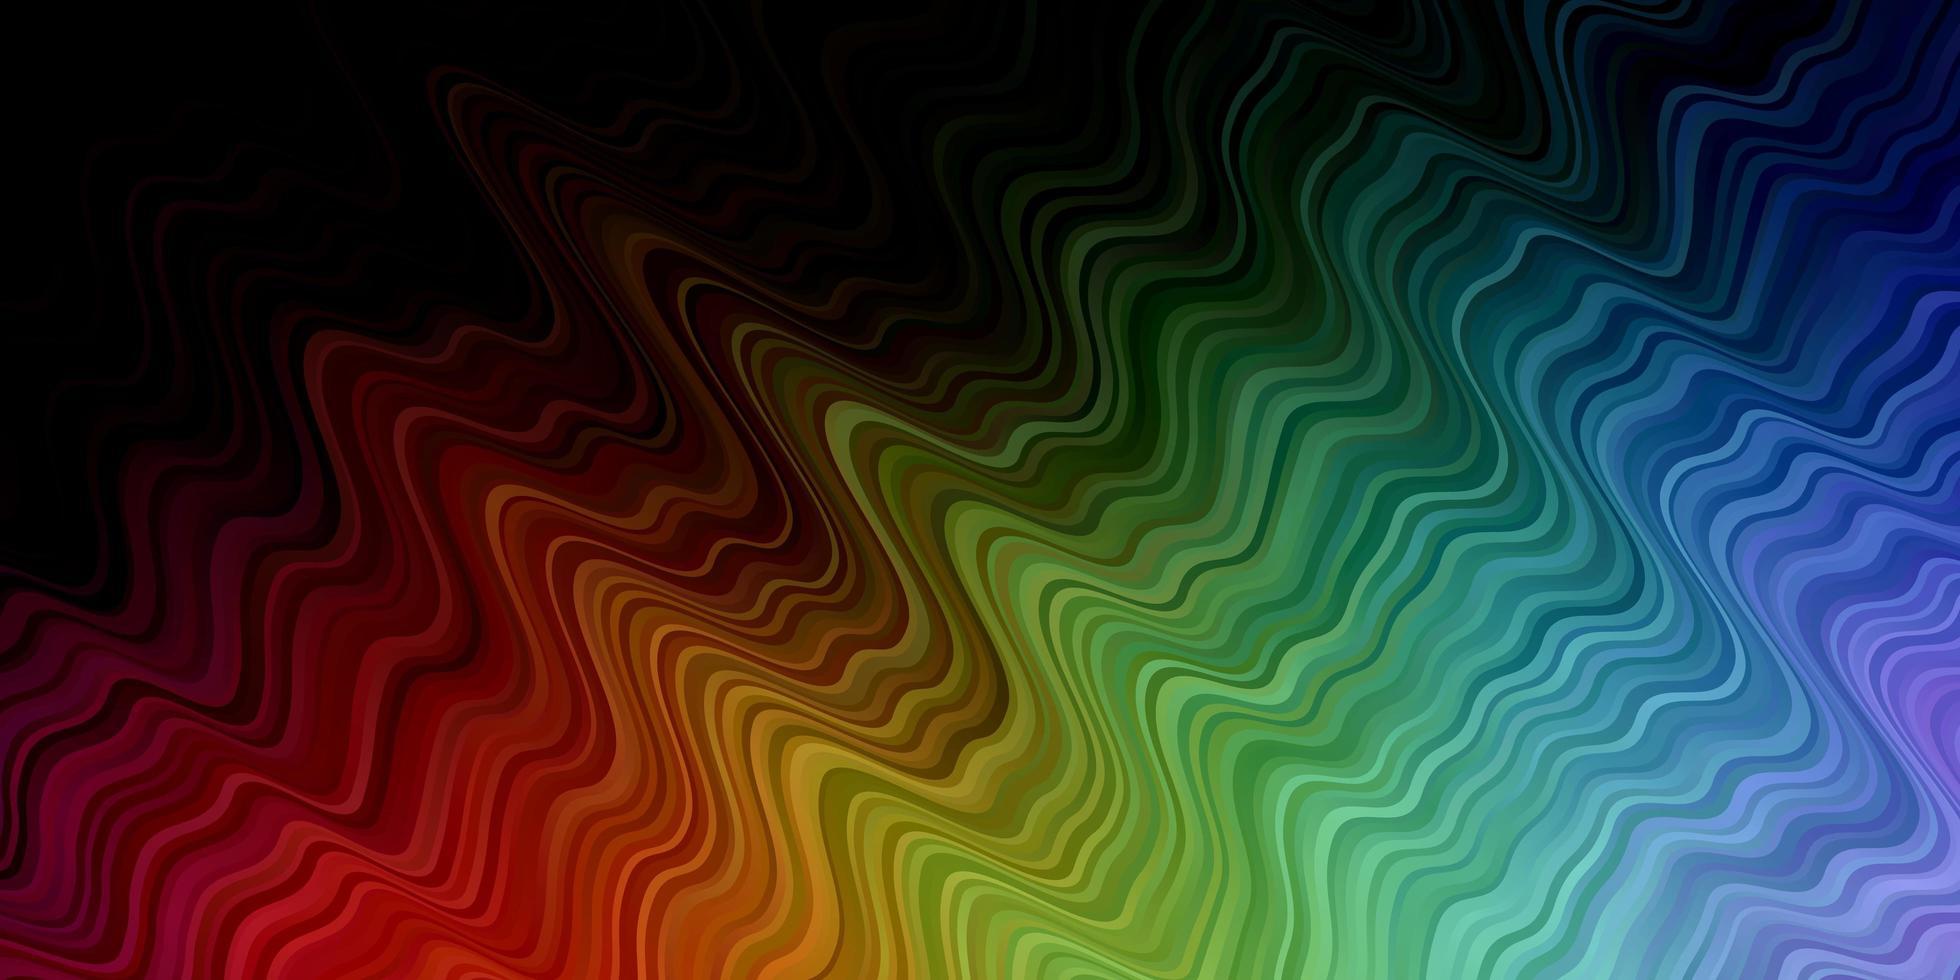 modèle vectoriel multicolore sombre avec des lignes ironiques.